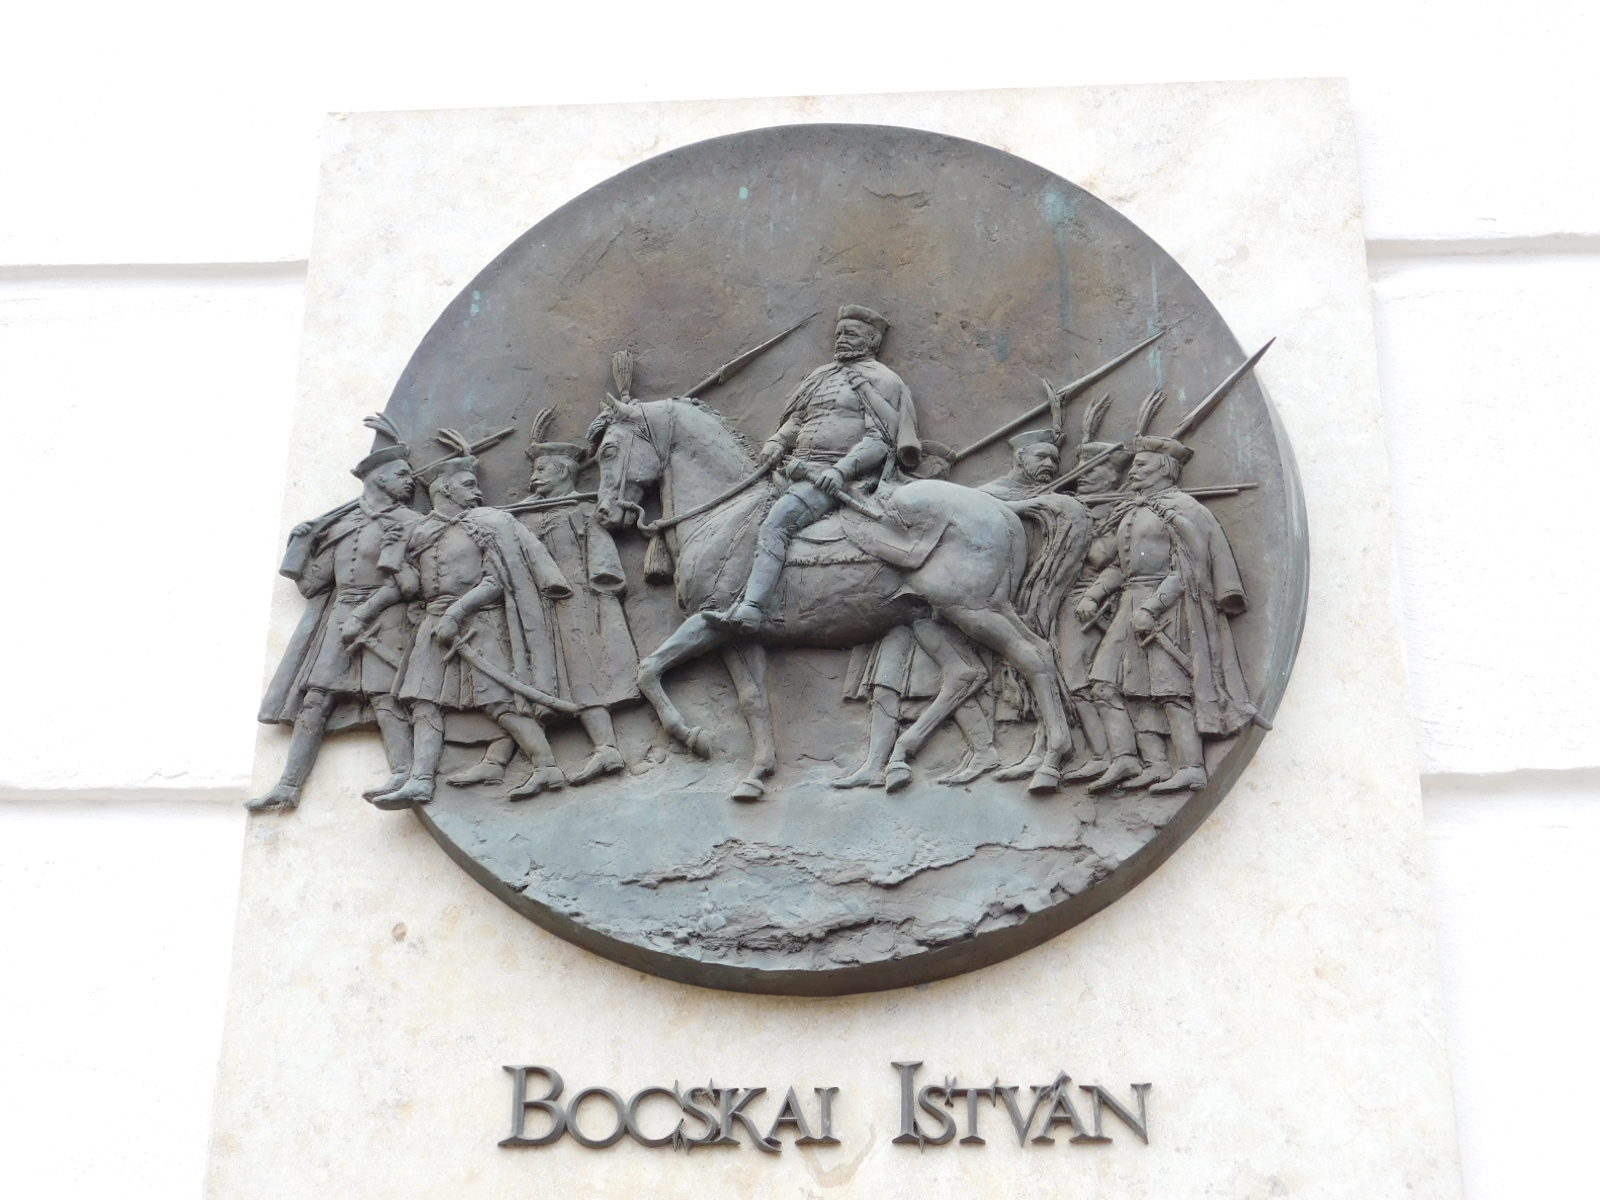 Megemlékezés Bocskai Istvánról